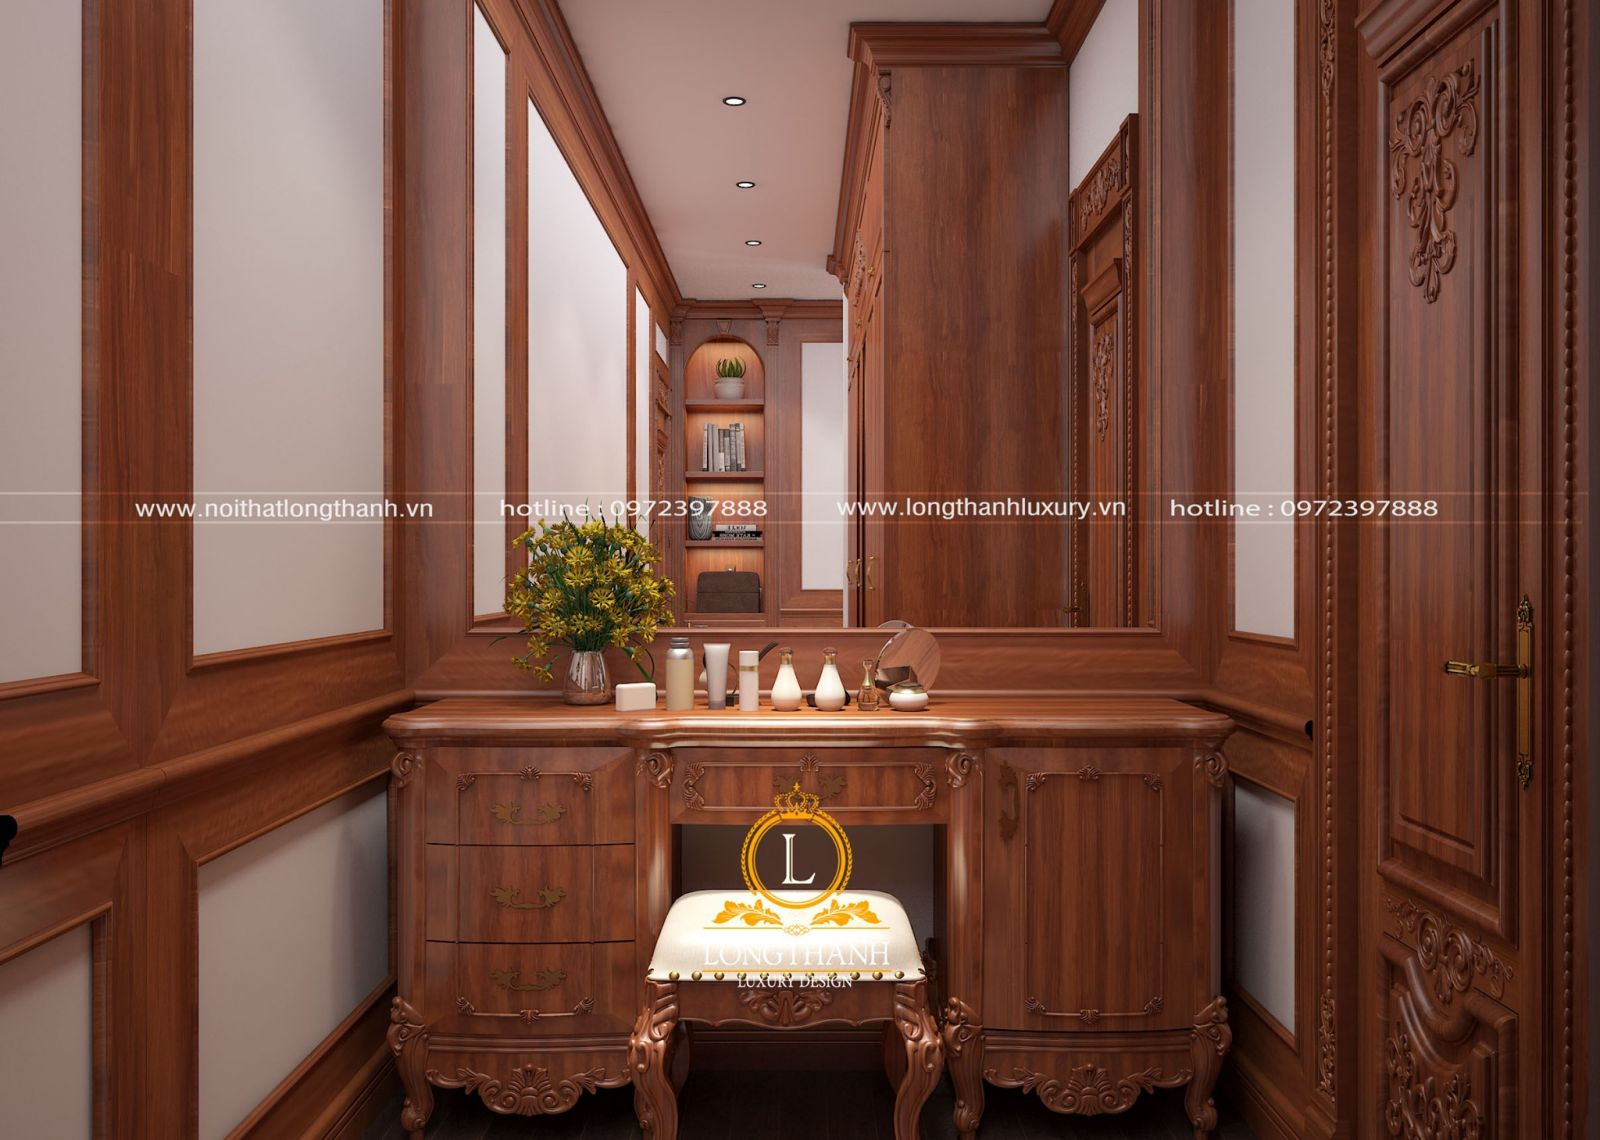 Phòng cưới tiện nghi với mẫu bàn trang điểm